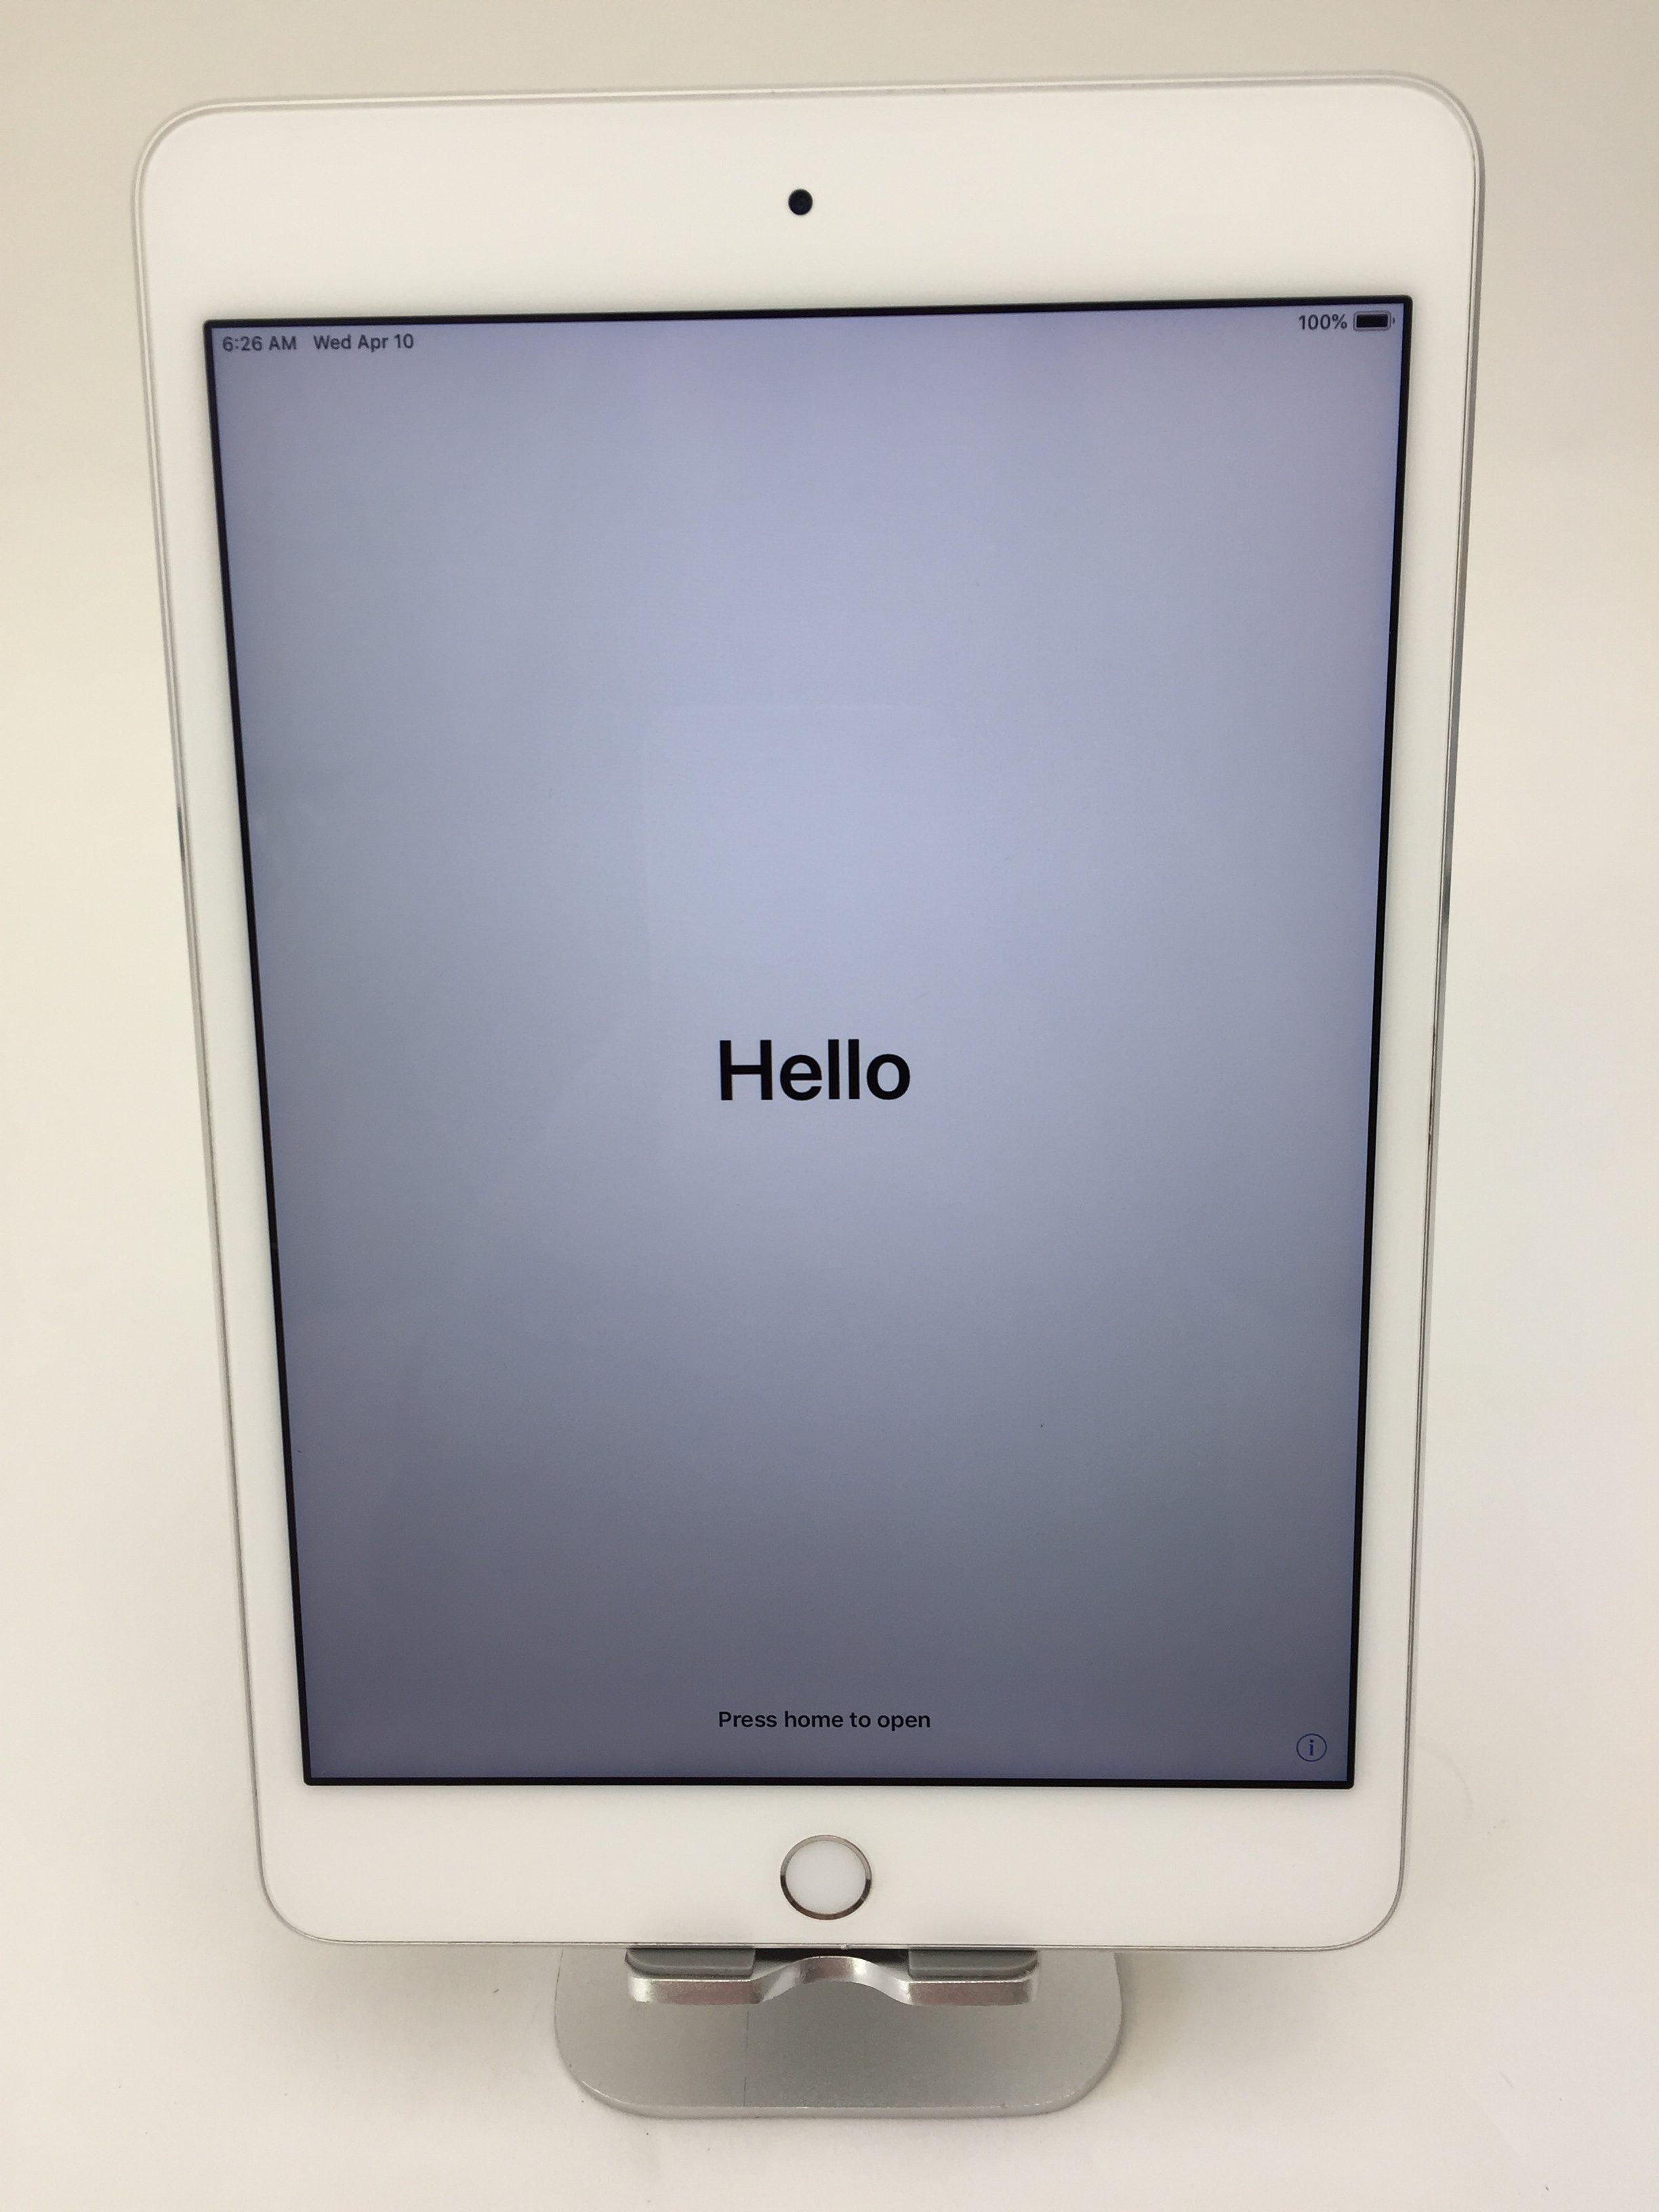 iPad mini 4 Wi-Fi 16GB, 16 GB, Silver, image 1